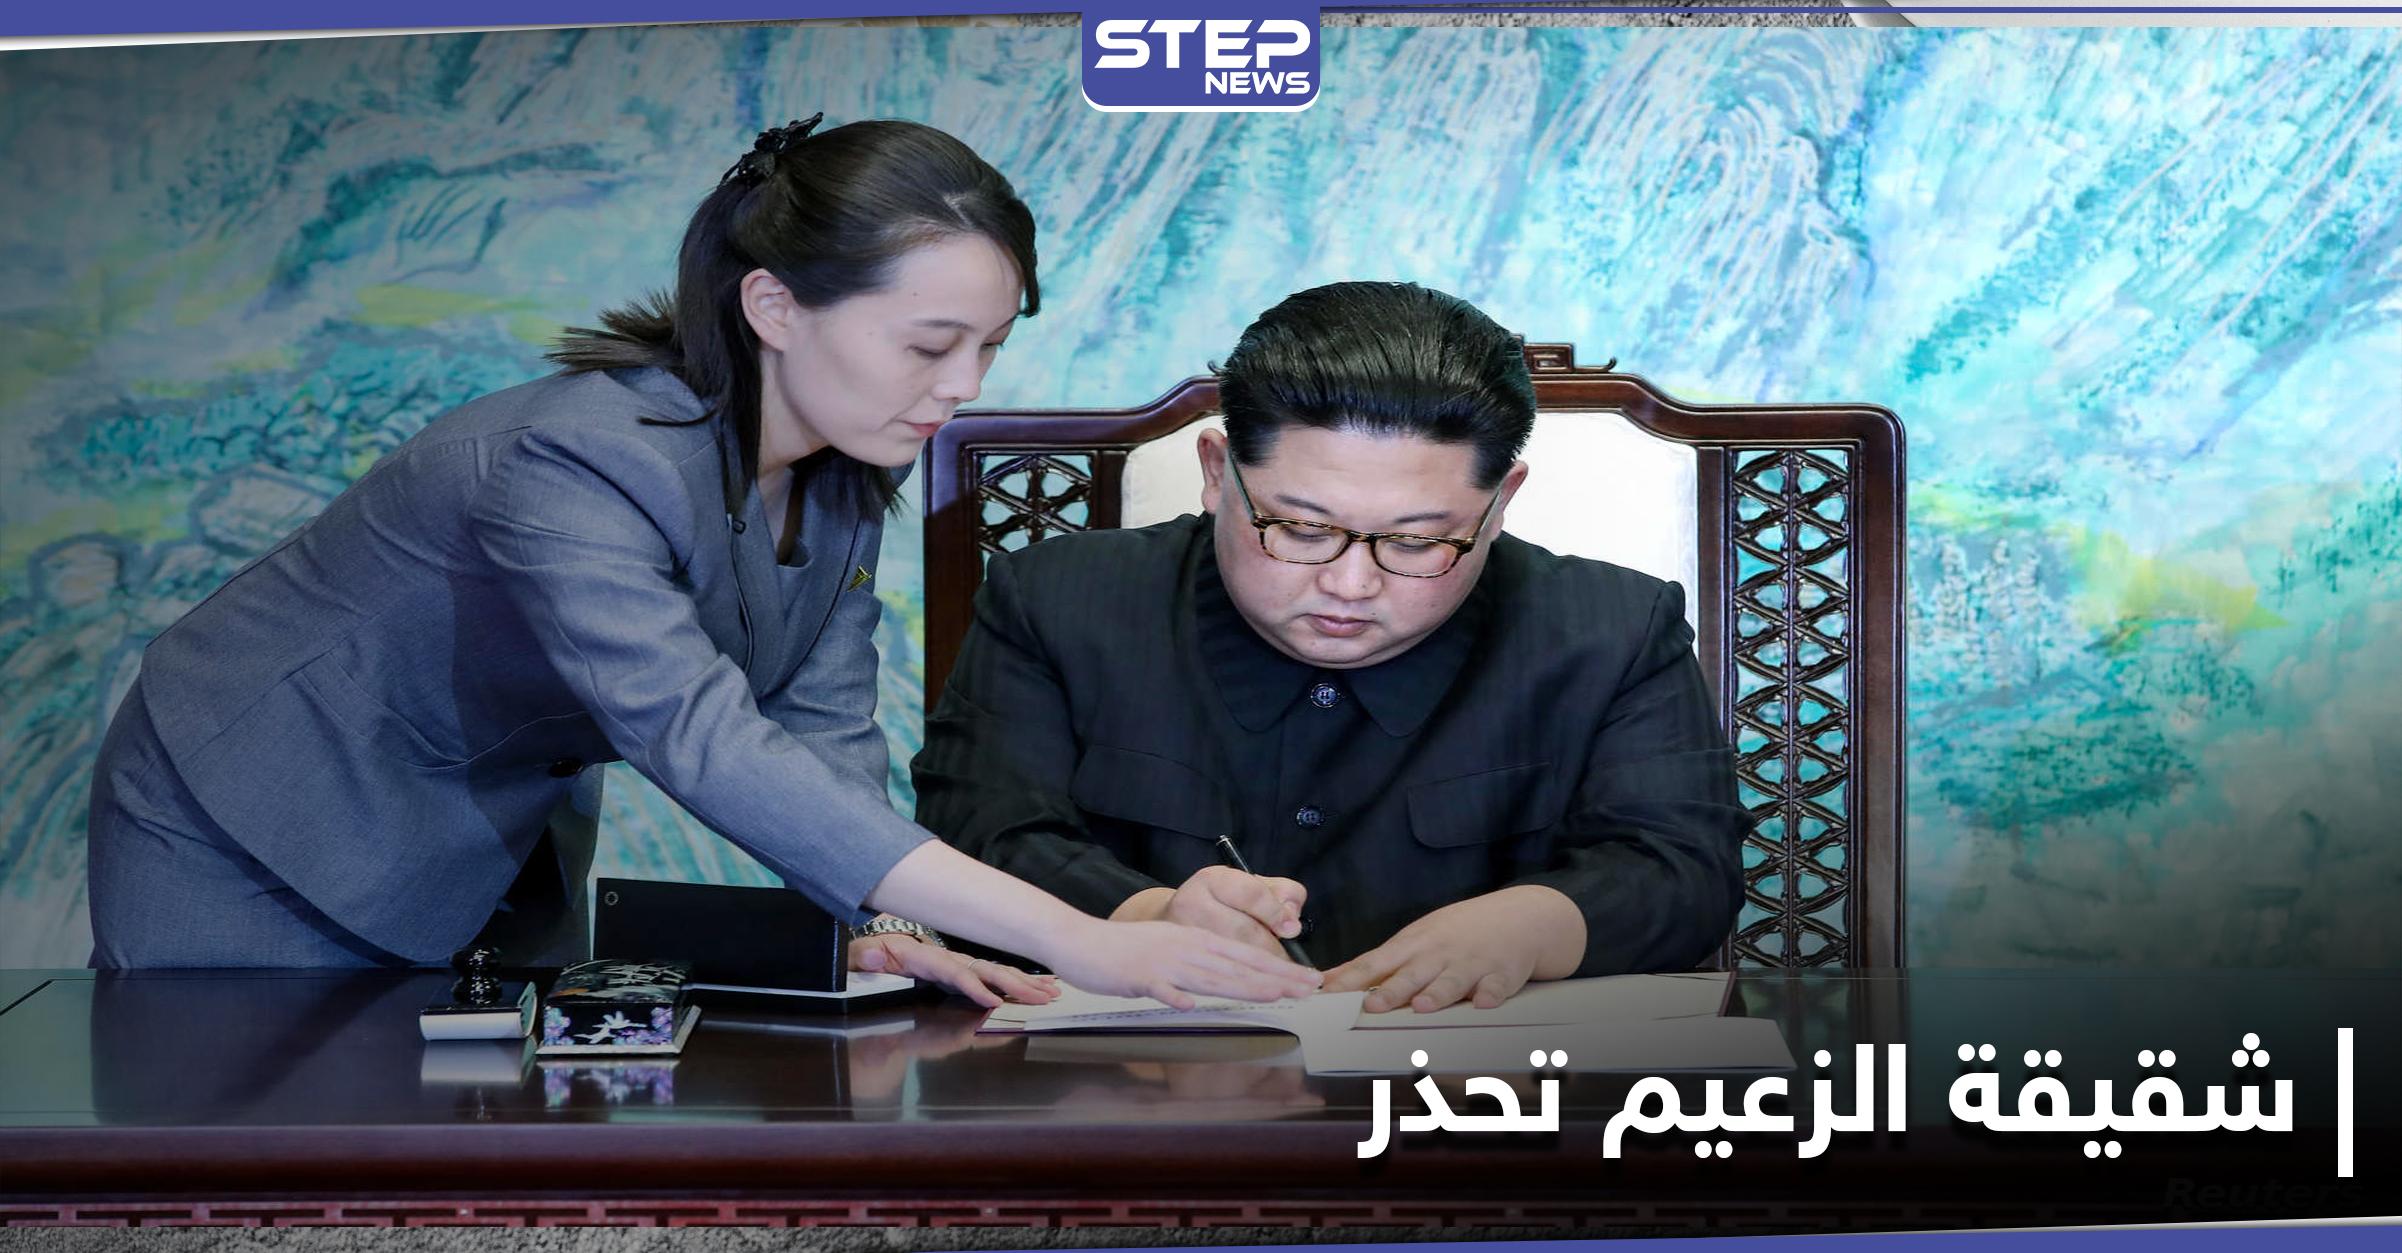 رغم تجاهل المراسلات.. شقيقة الزعيم الكوري الشمالي تنتقد بايدن وتحذّر سيئول